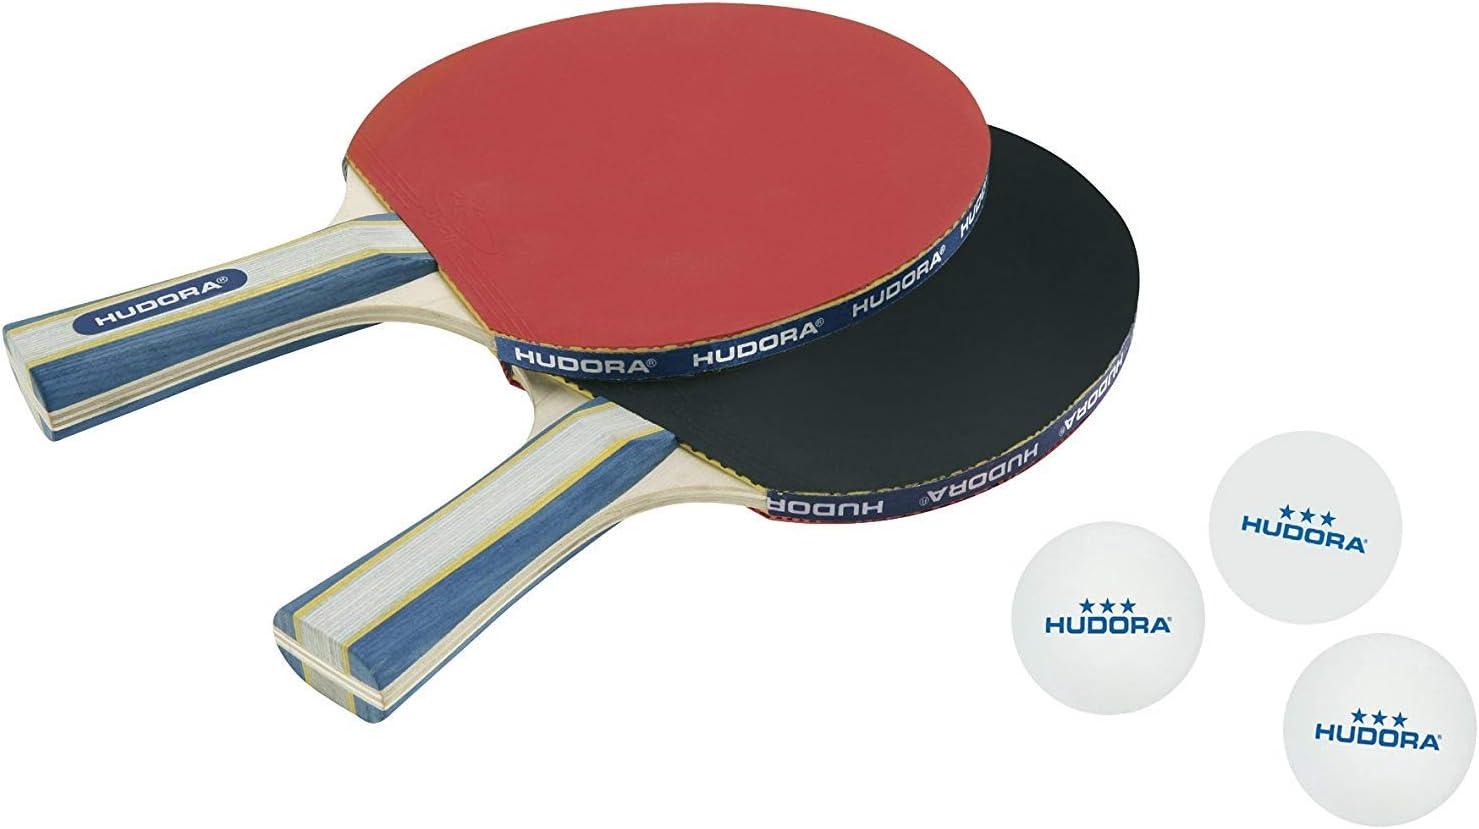 Hudora Juego de tenis de mesa new Contest 2.0, Blanco, 40mm, 76245